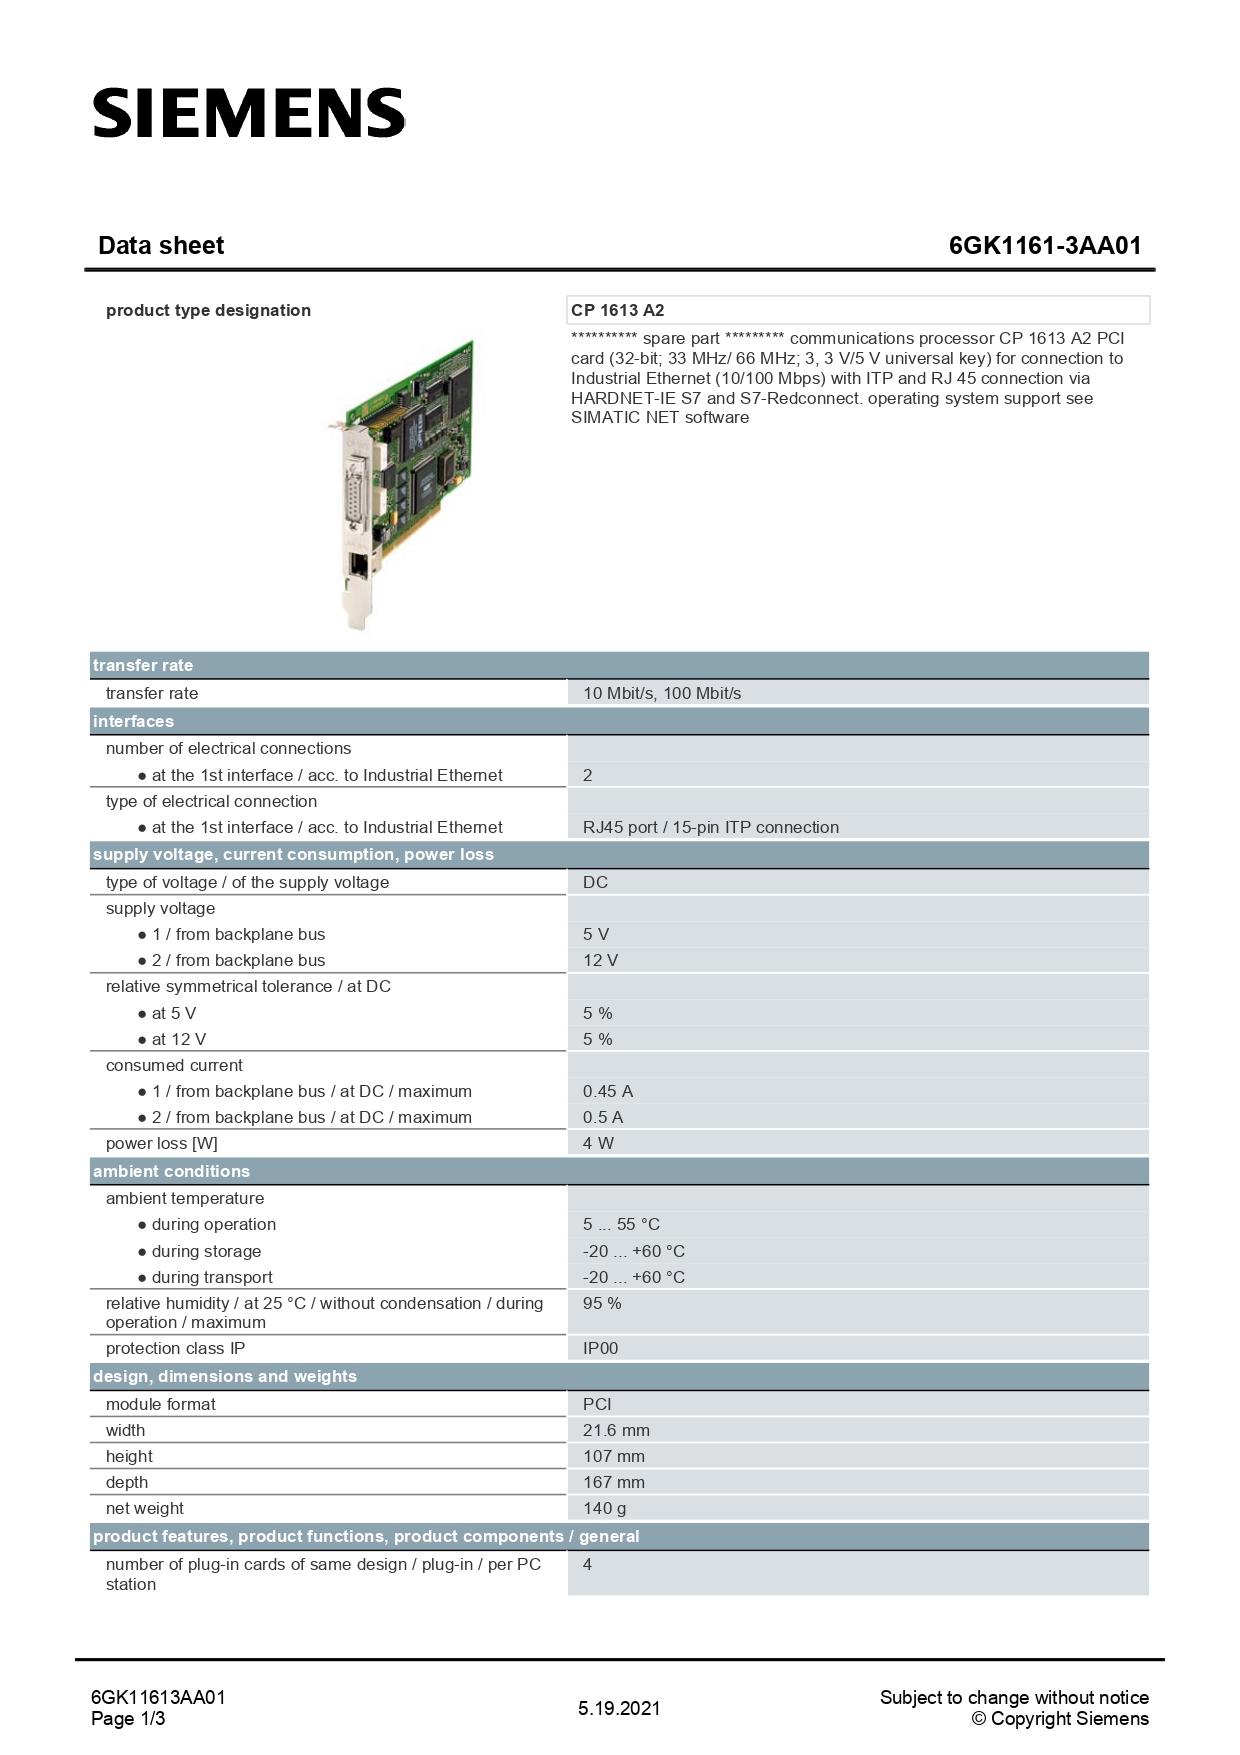 6GK11613AA01_datasheet